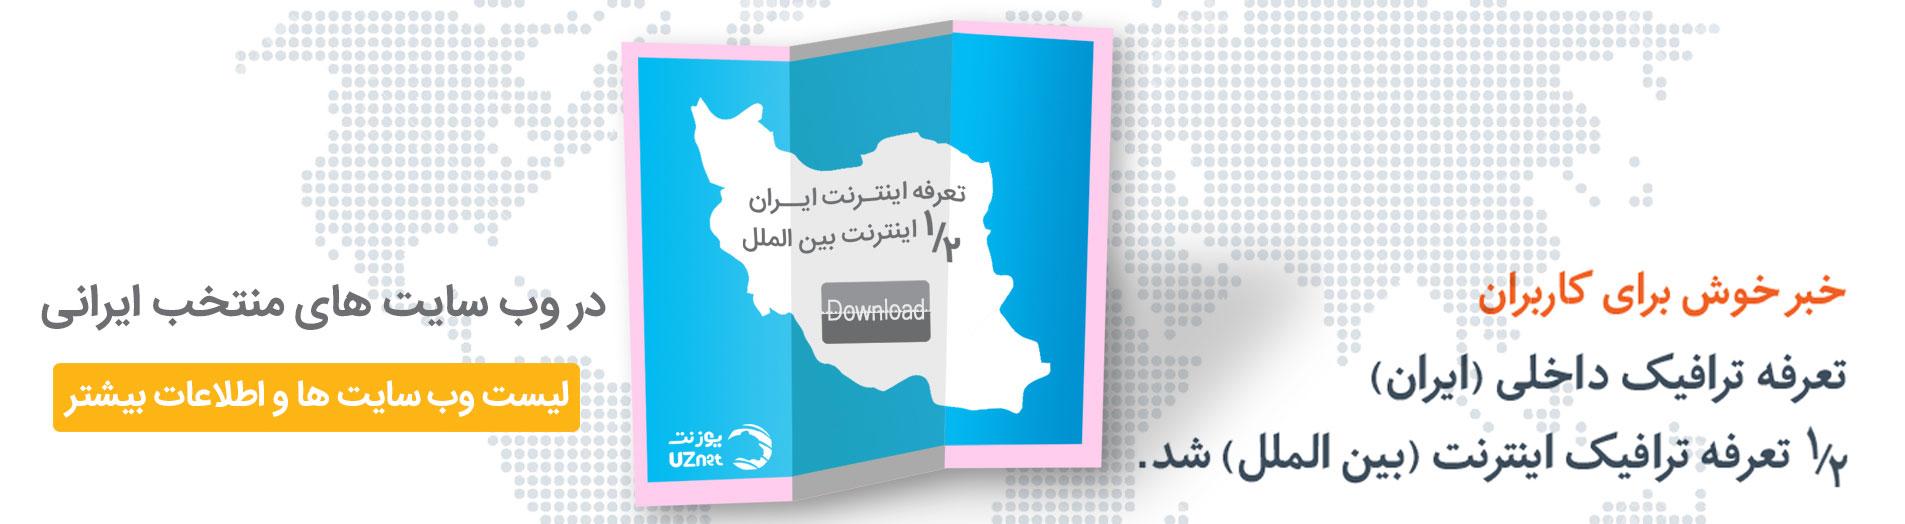 تعرفه ترافیک ایران با تخفیف ۵۰ درصد